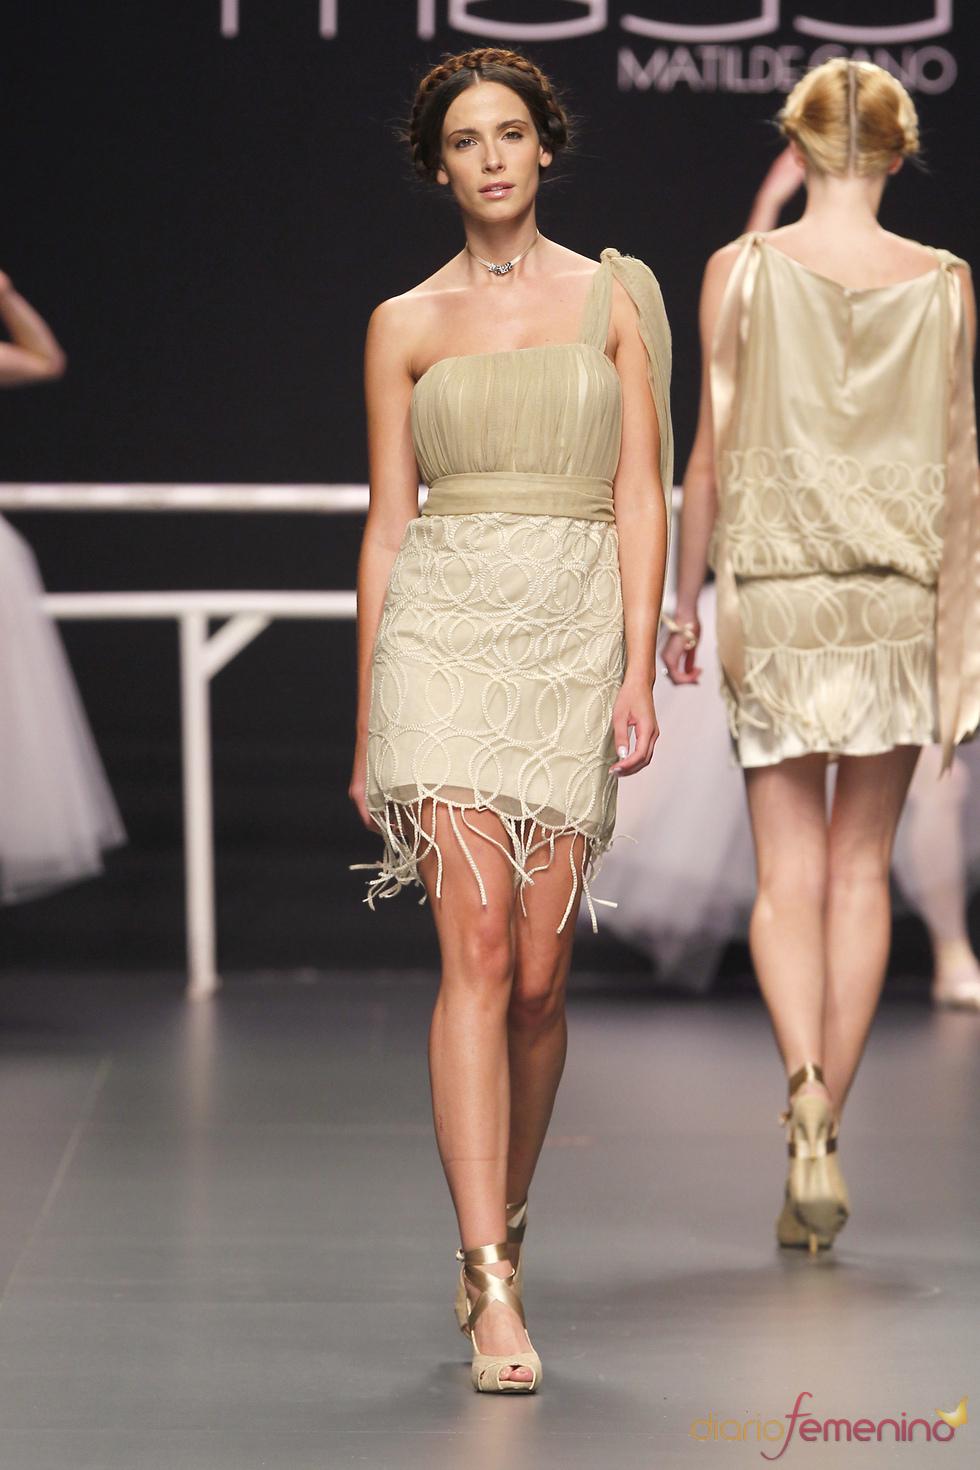 Vestido corto de Matilde Cano